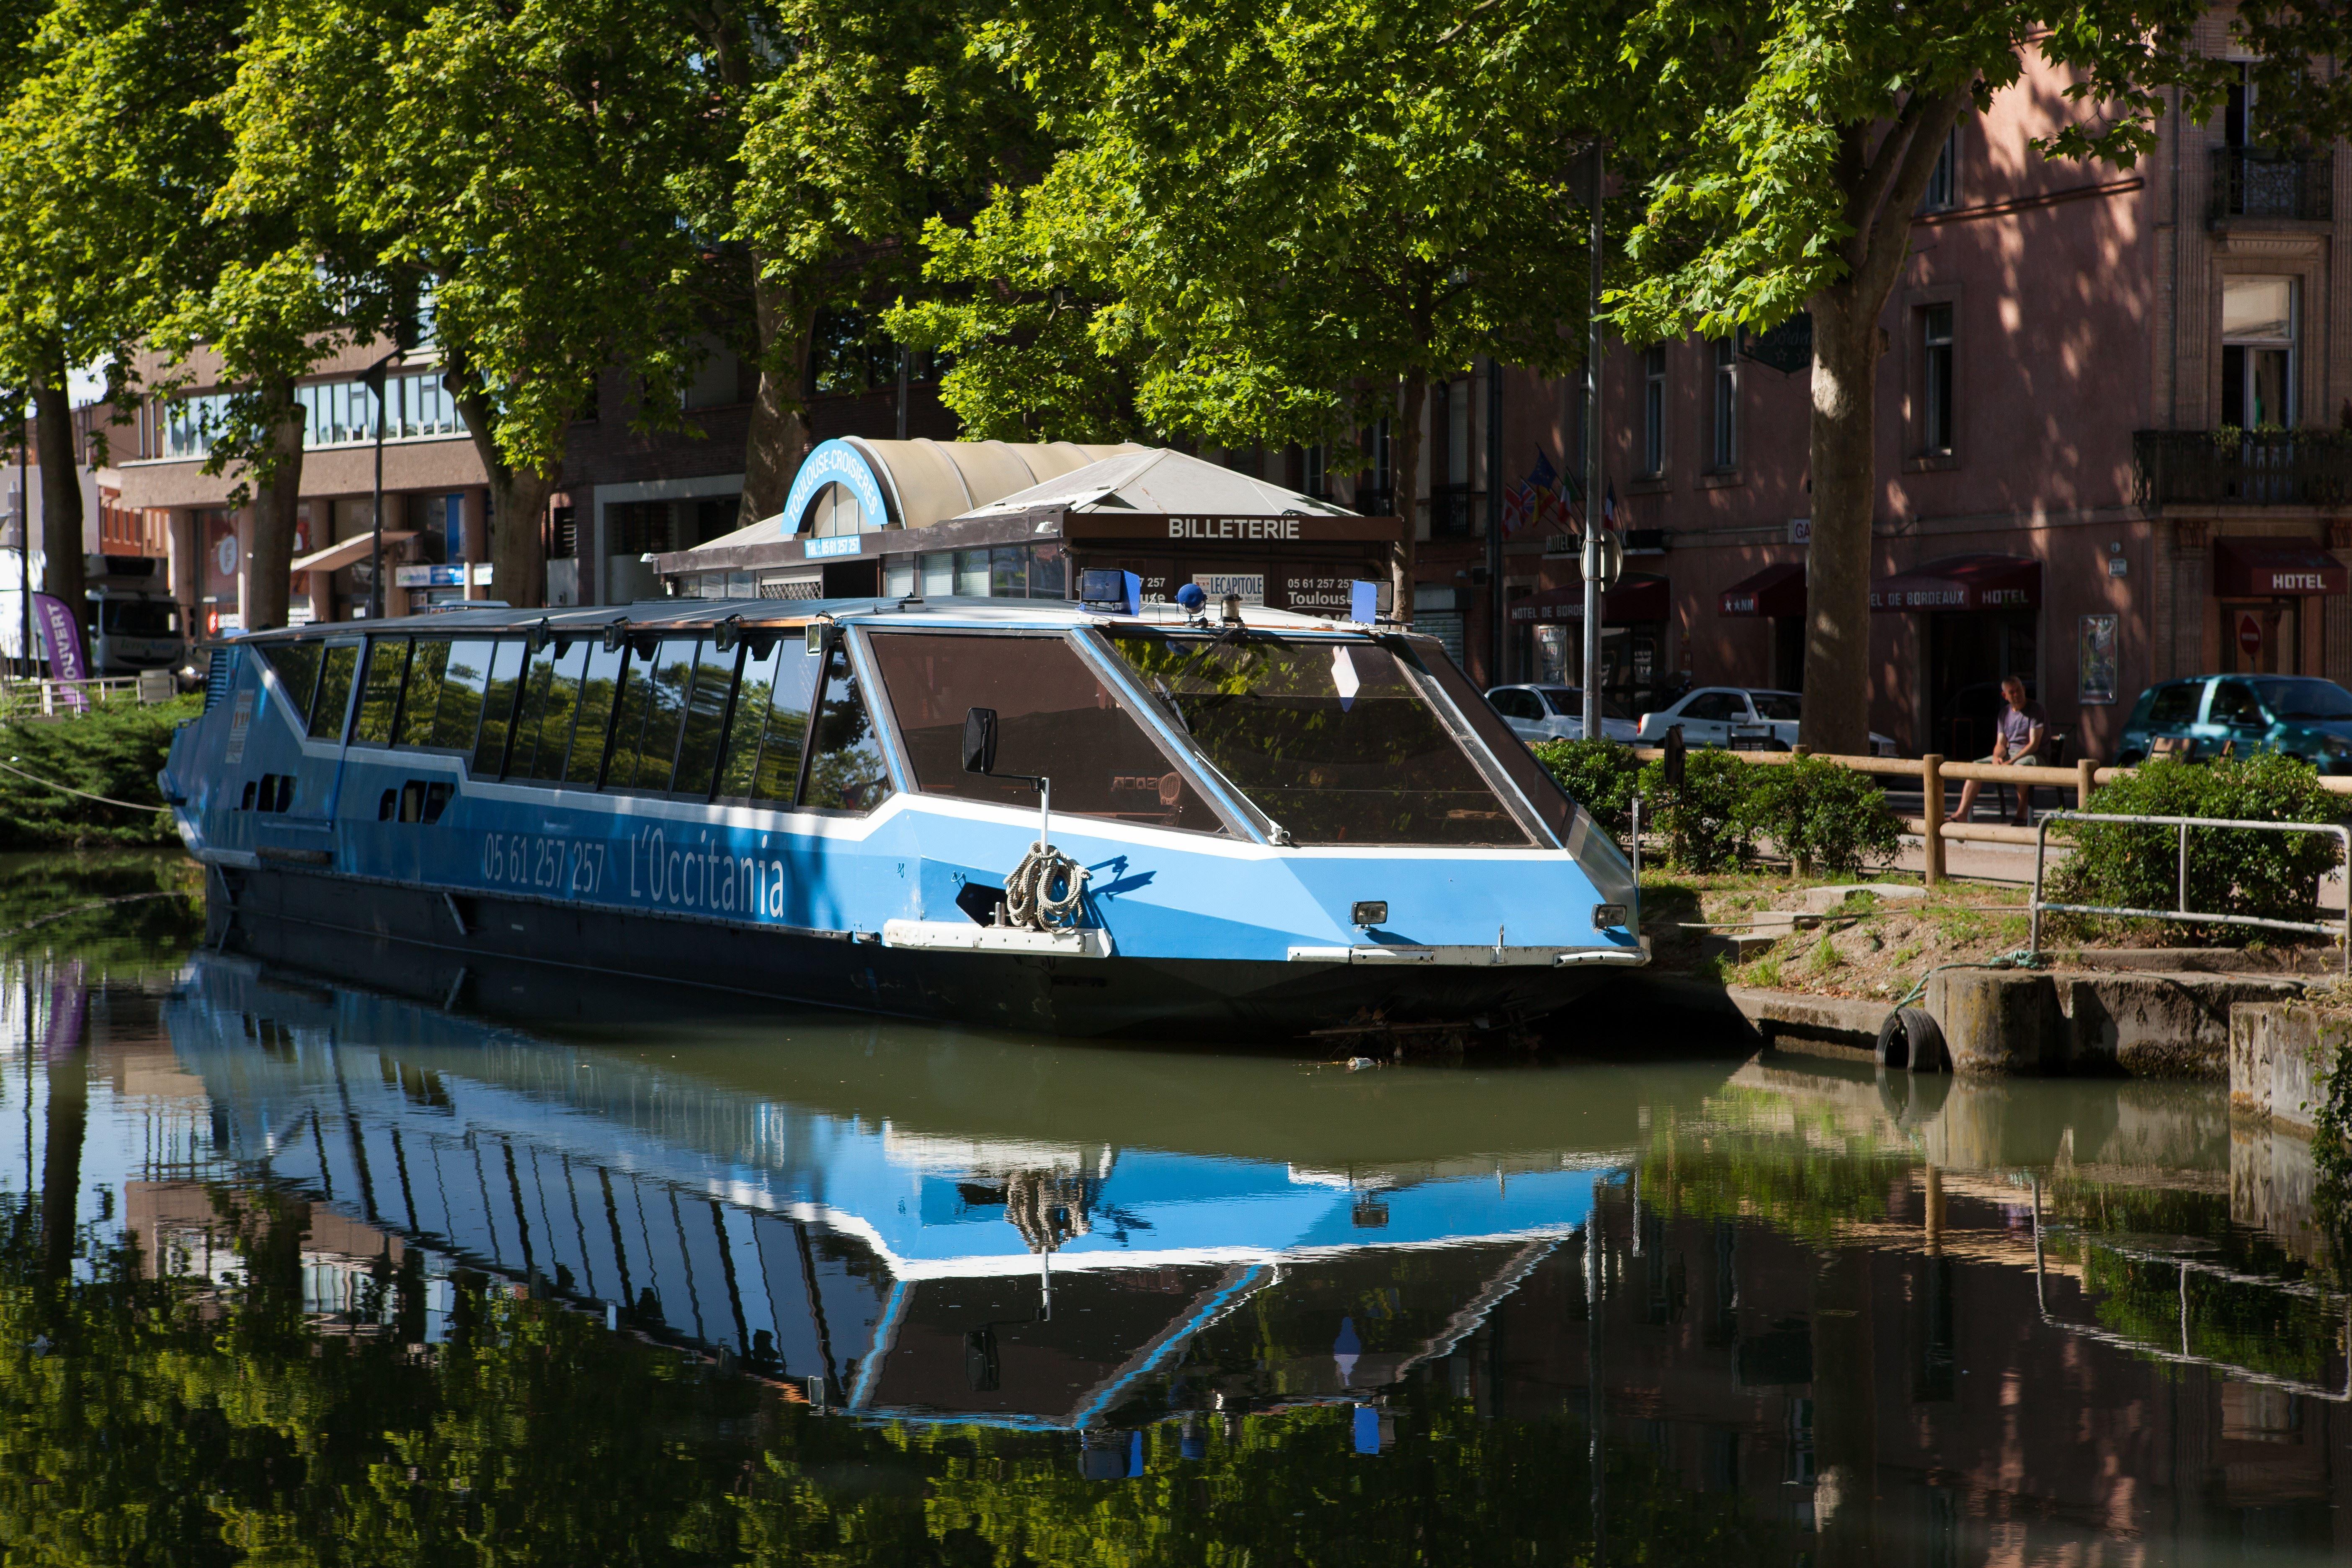 The Occitania restaurant boat cruise